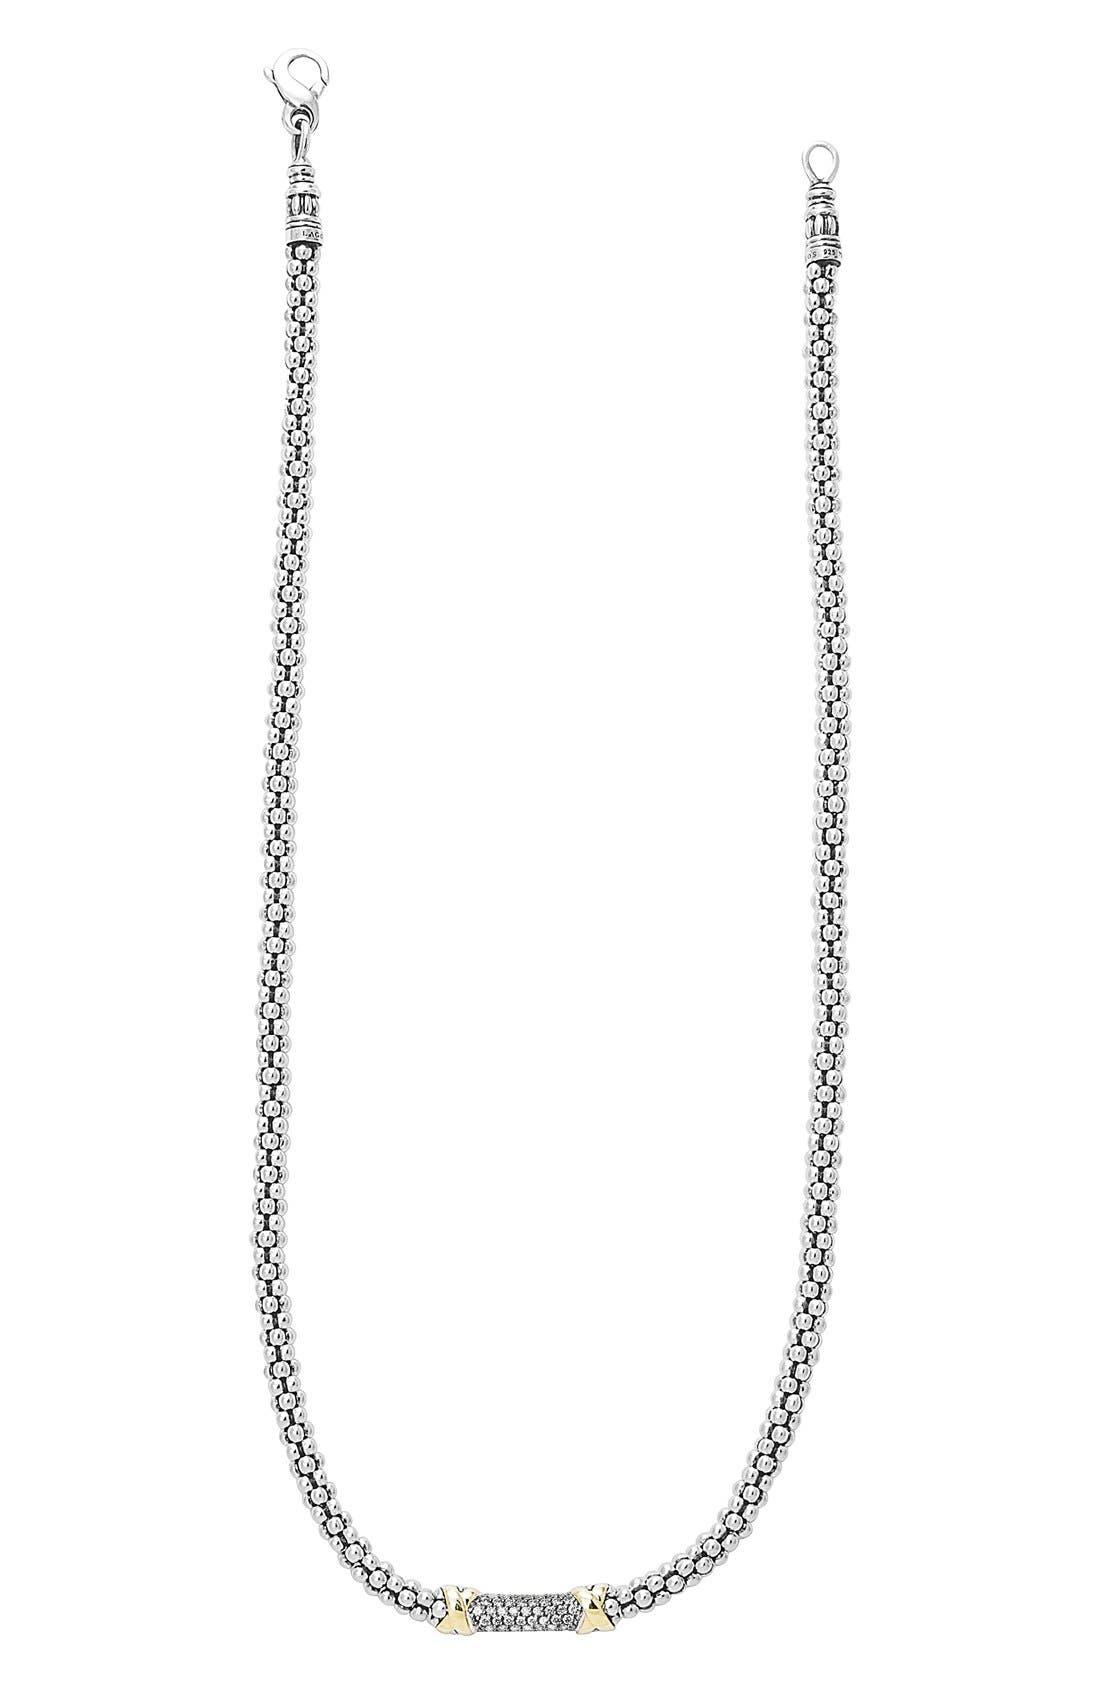 Alternate Image 1 Selected - LAGOS 'Diamond Lux' Diamond Rope Necklace